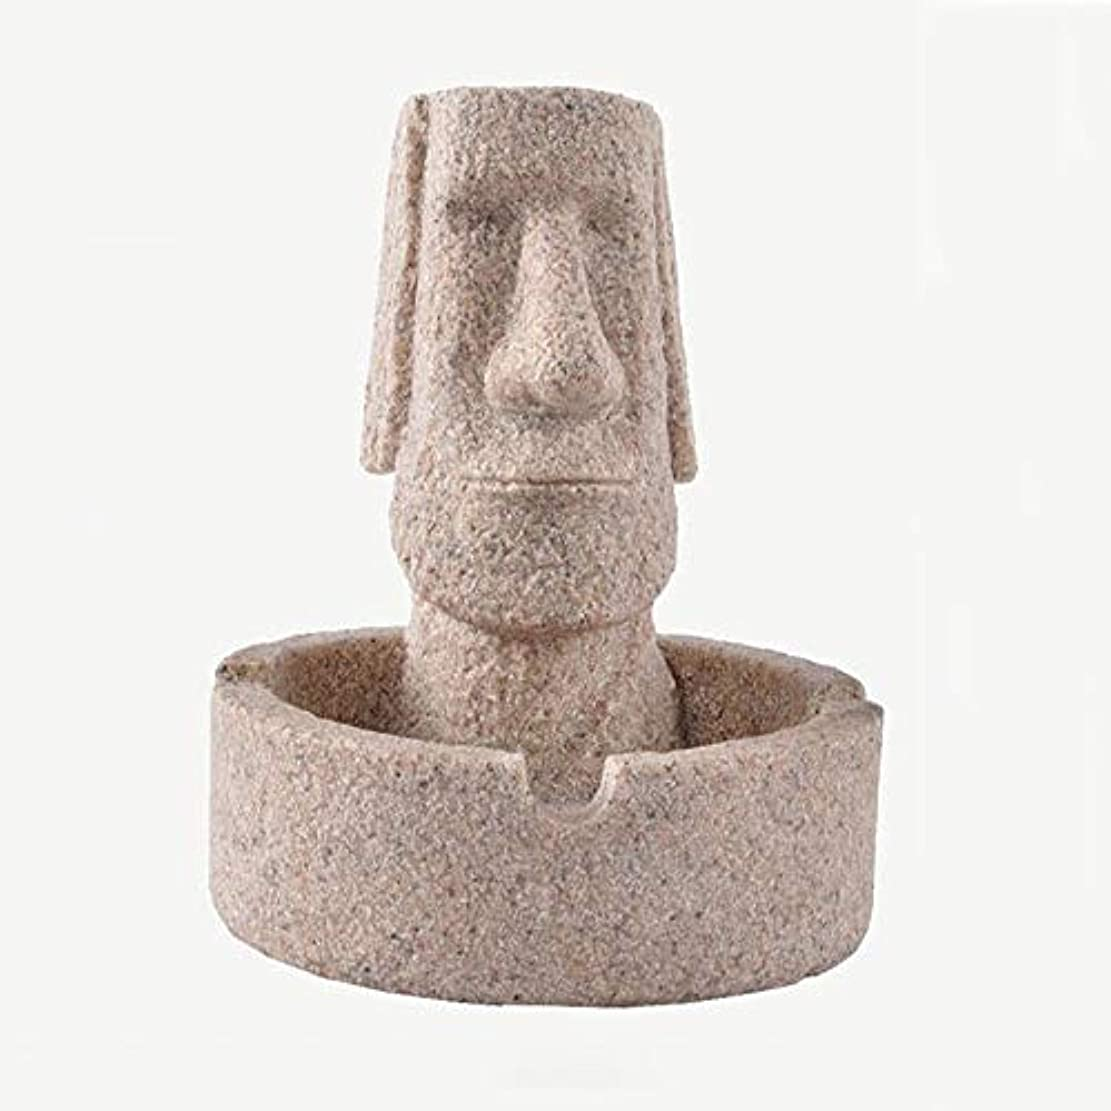 島矢じり地震タバコの灰皿クリエイティブ灰皿ホームデコレーション